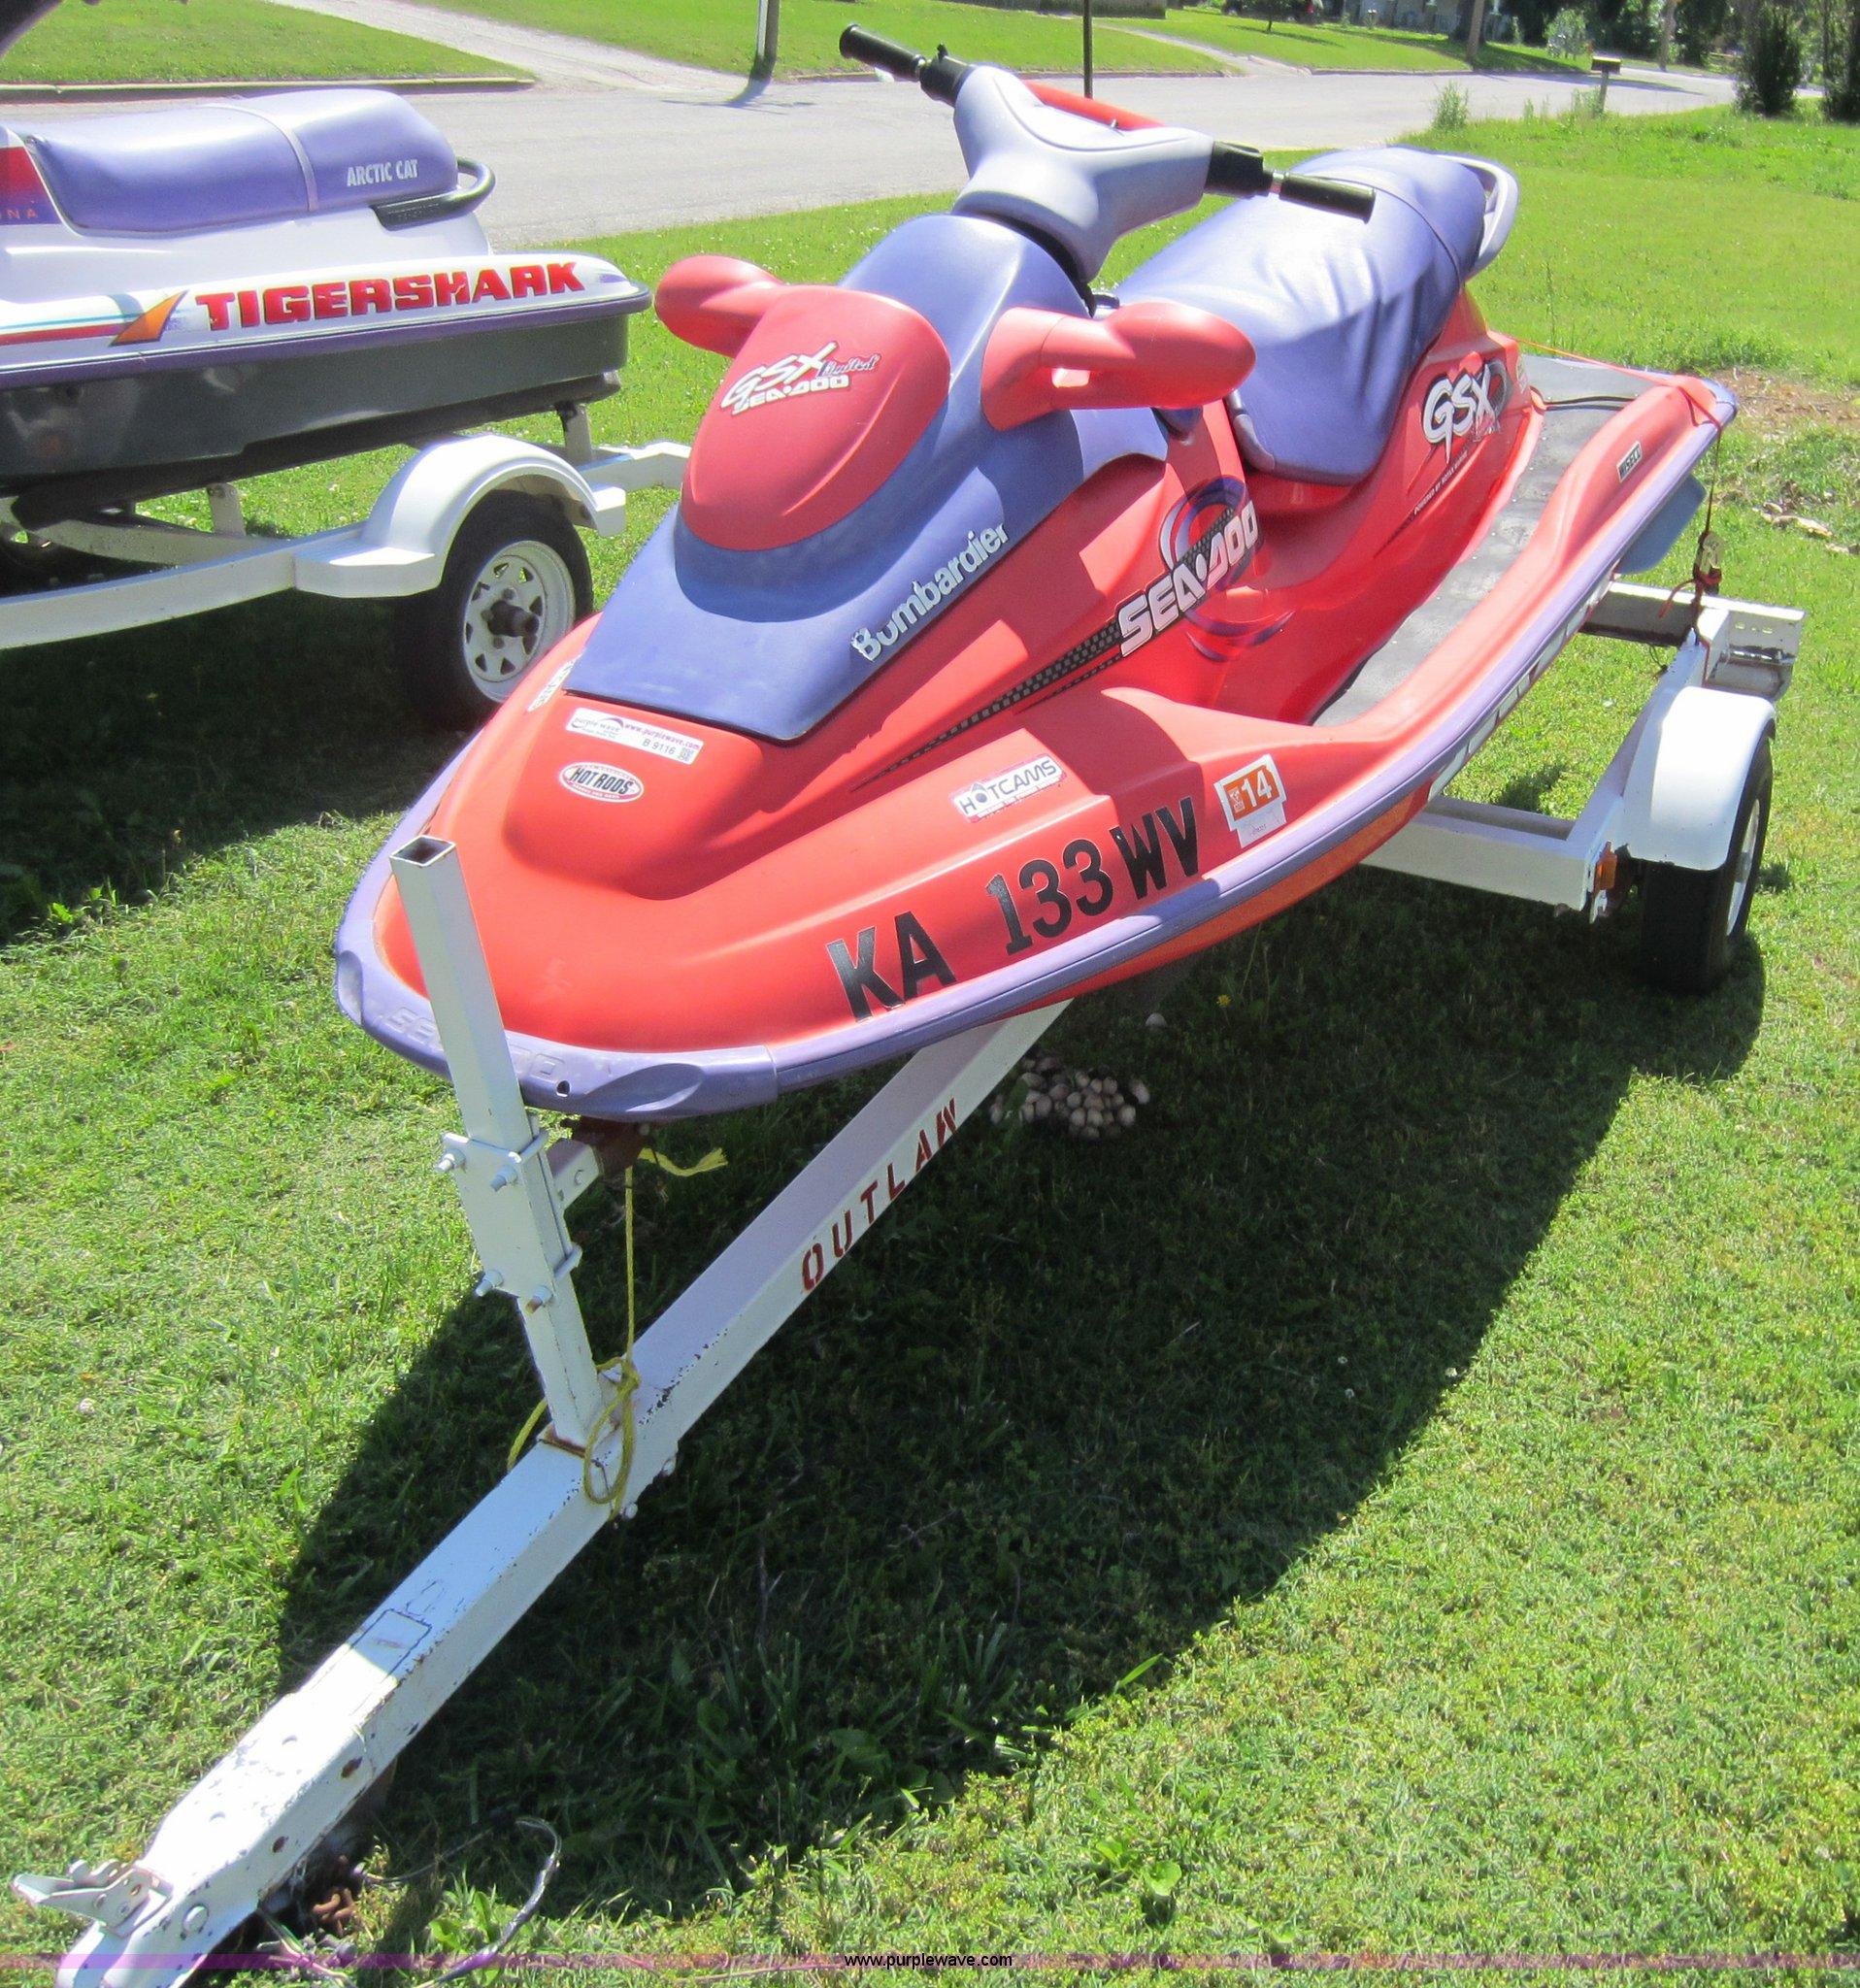 1998 Sea Doo Gsx Specs Seadoo Gtx Fuse Box Limited Two Seat Watercraft Item 1916x2048